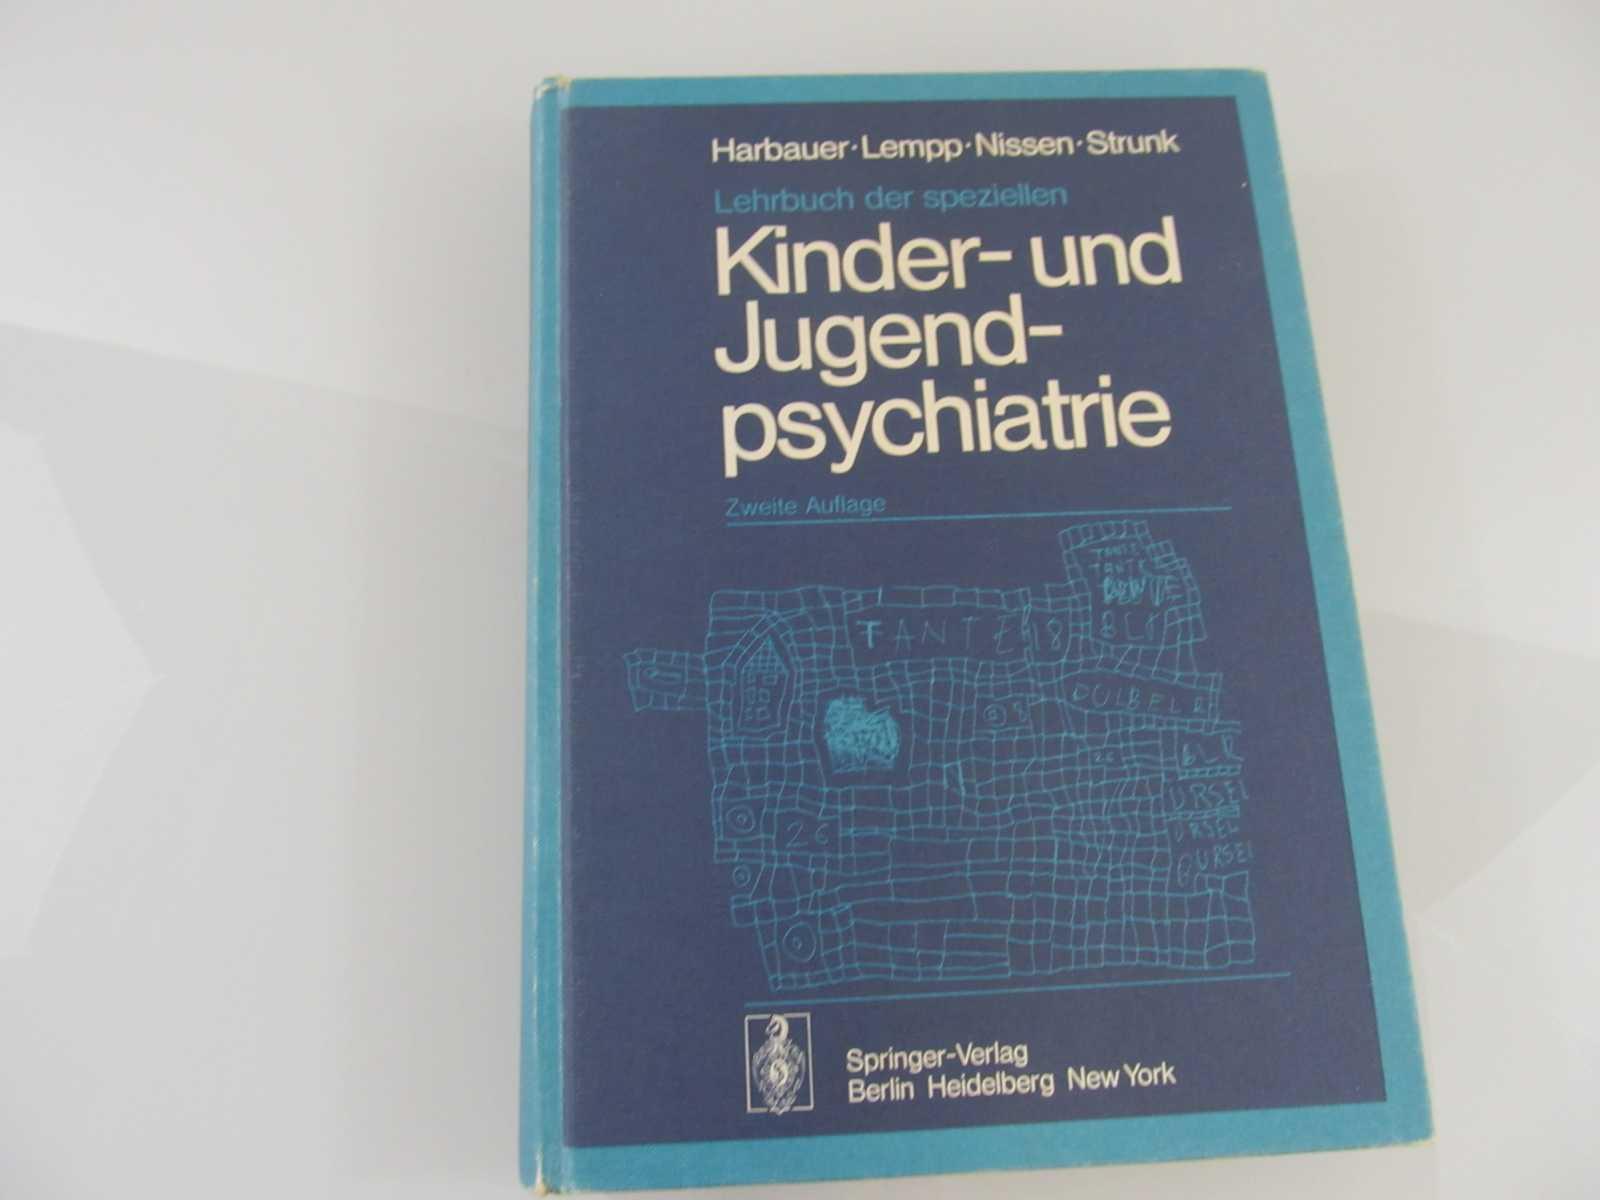 Lehrbuch der speziellen Kinder- und Jugendpsychiatrie /: Harbauer, Hubert: